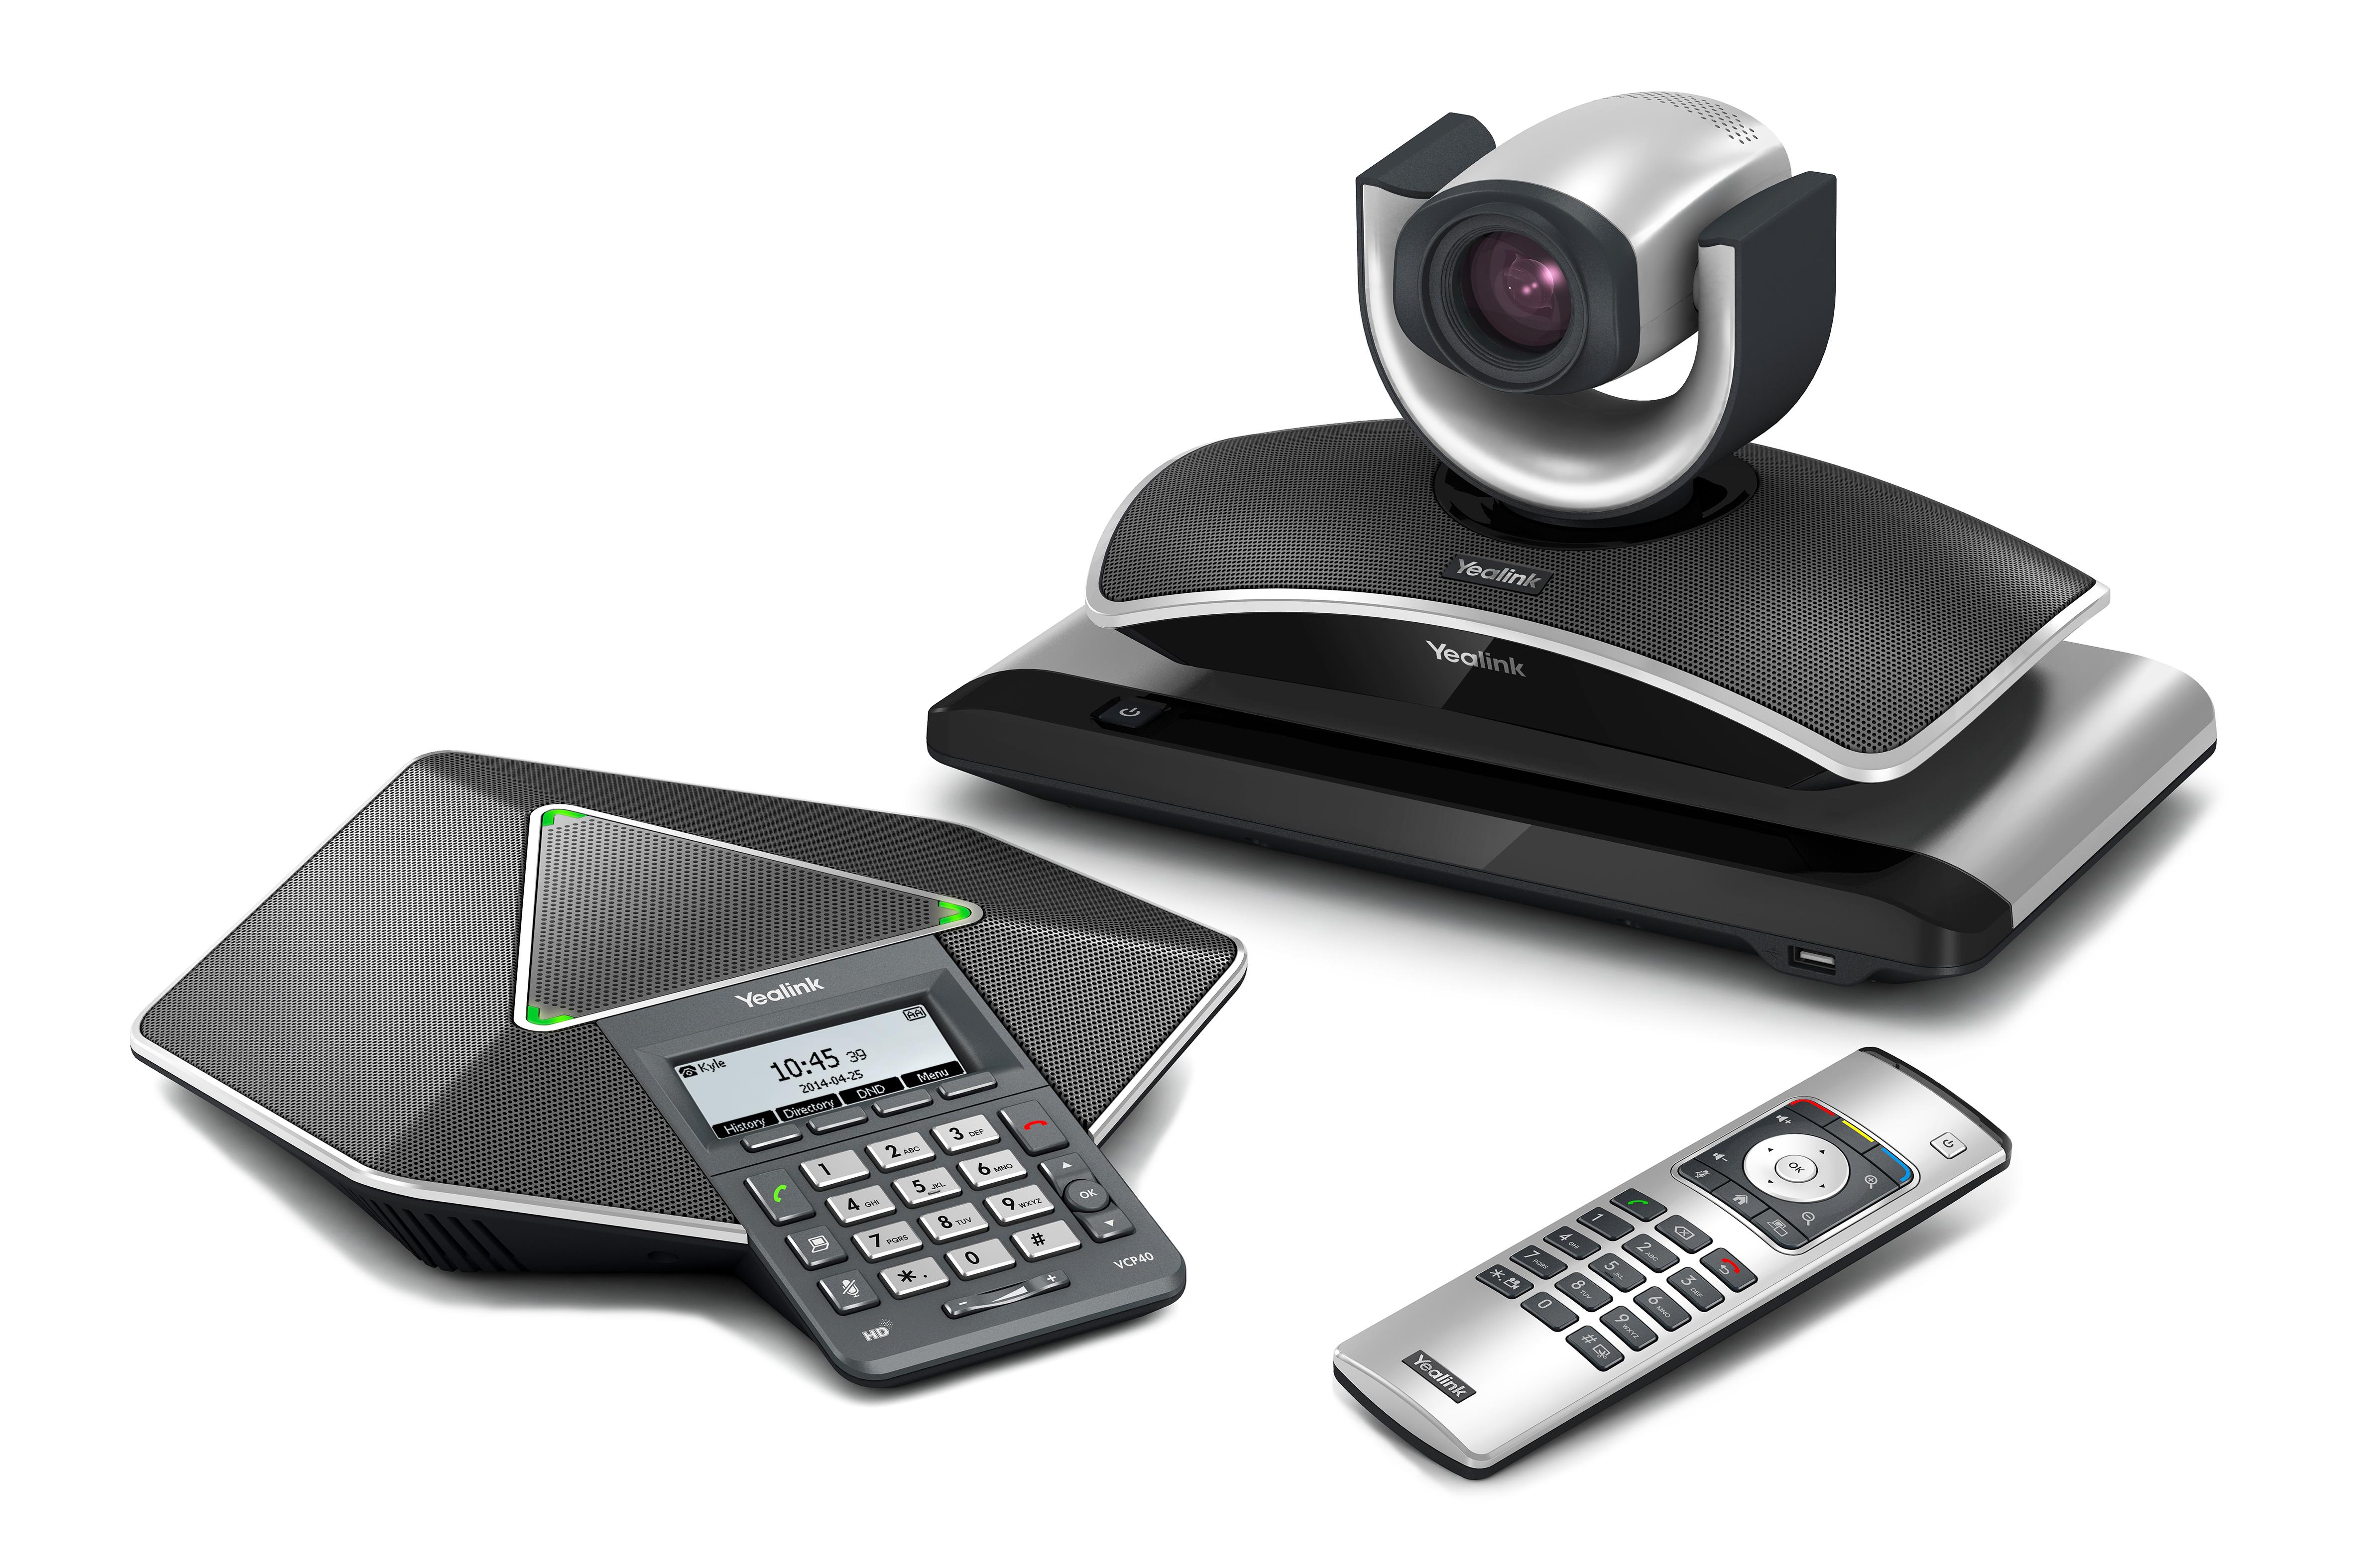 Yealink VC120 DEMO kit Phone